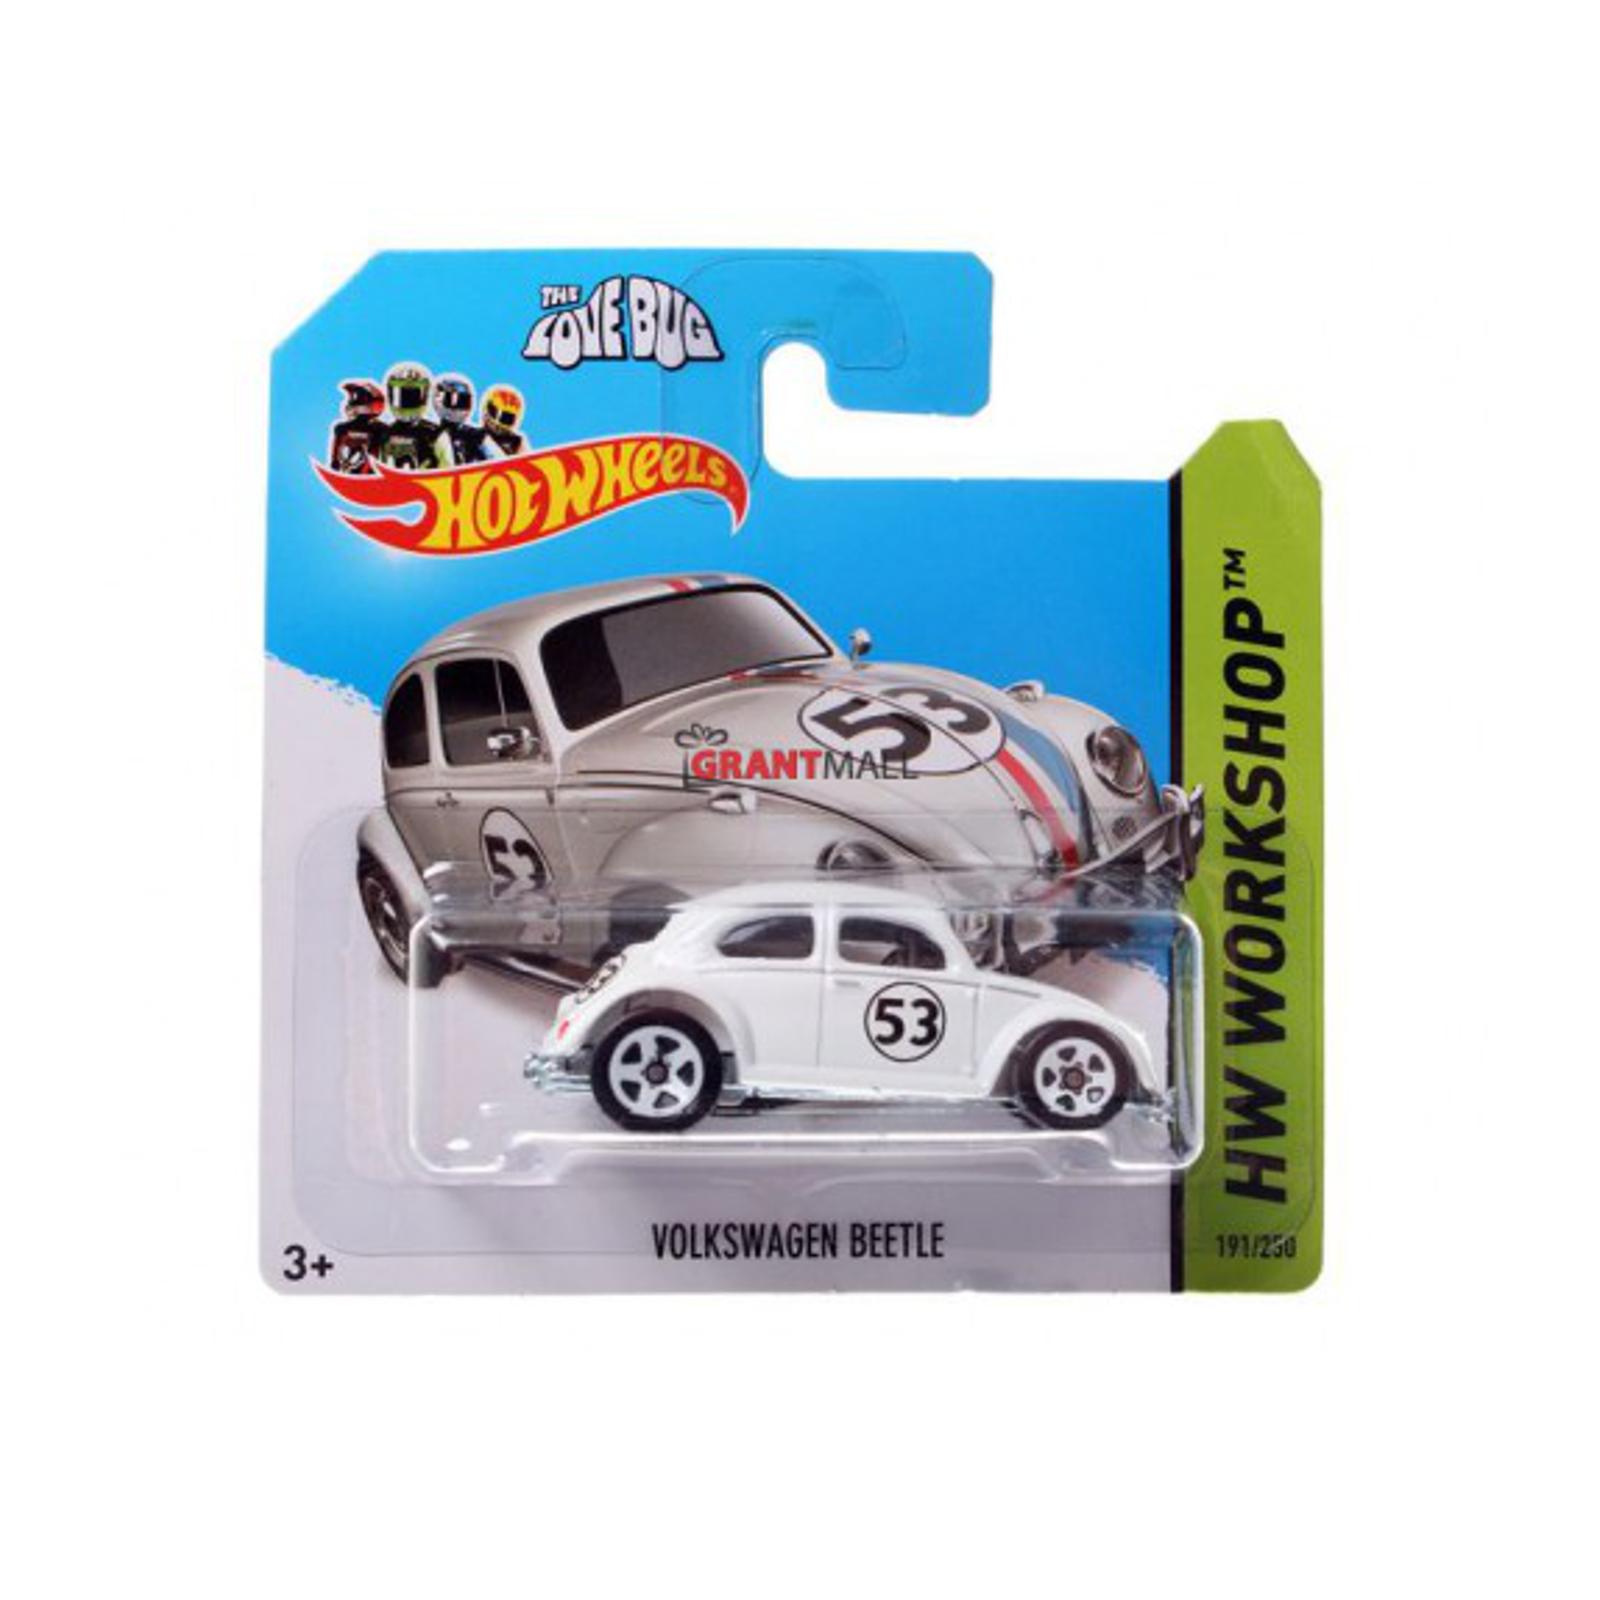 ����������� Hot Wheels ��� ������ Volkswagen Beetle